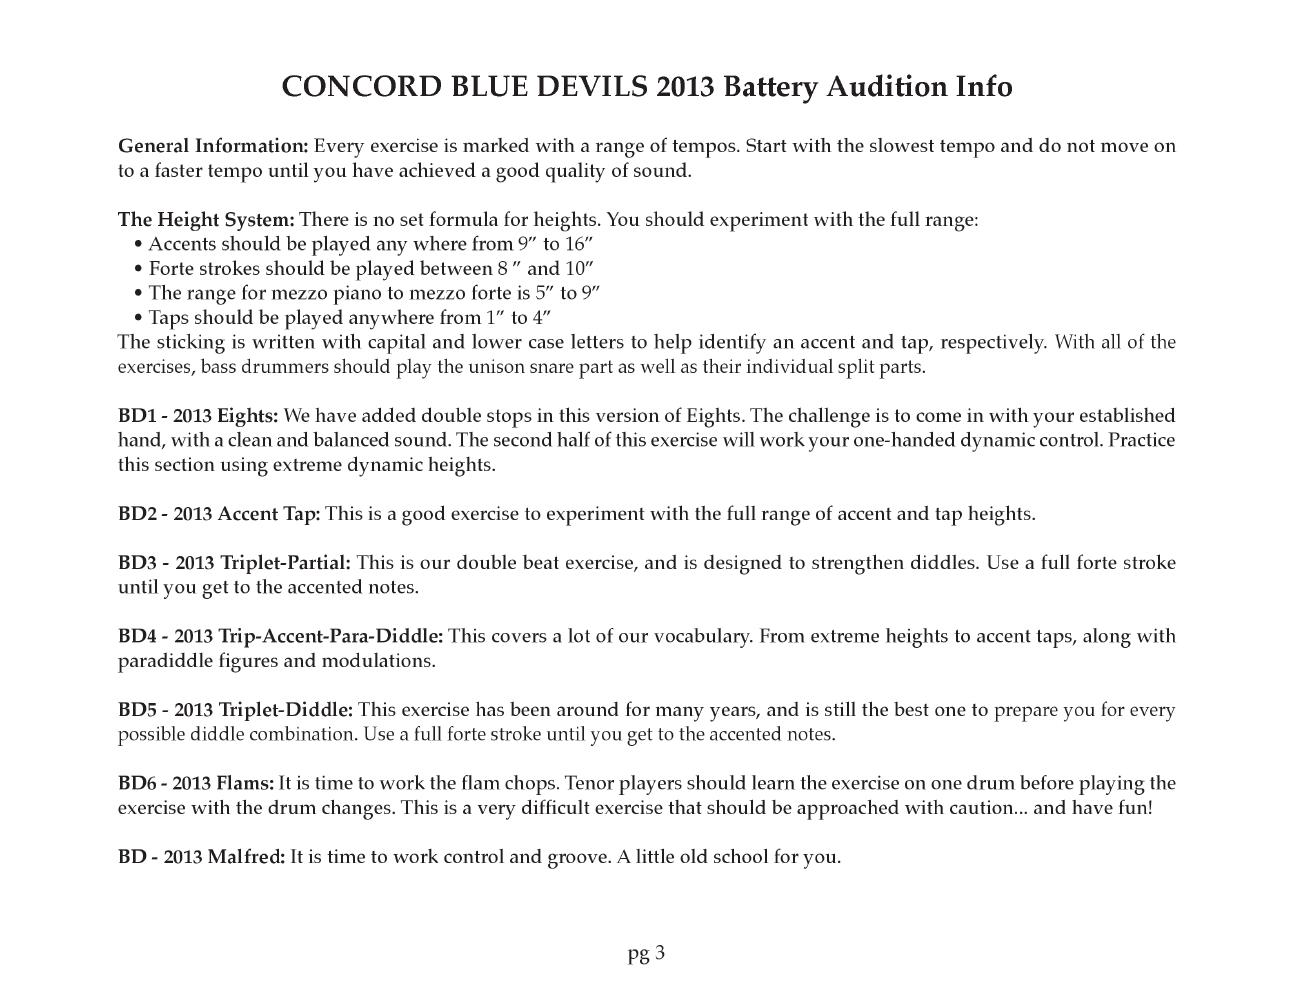 Blue Devils 2013 Audition Pack by Scott Johnson| J W  Pepper